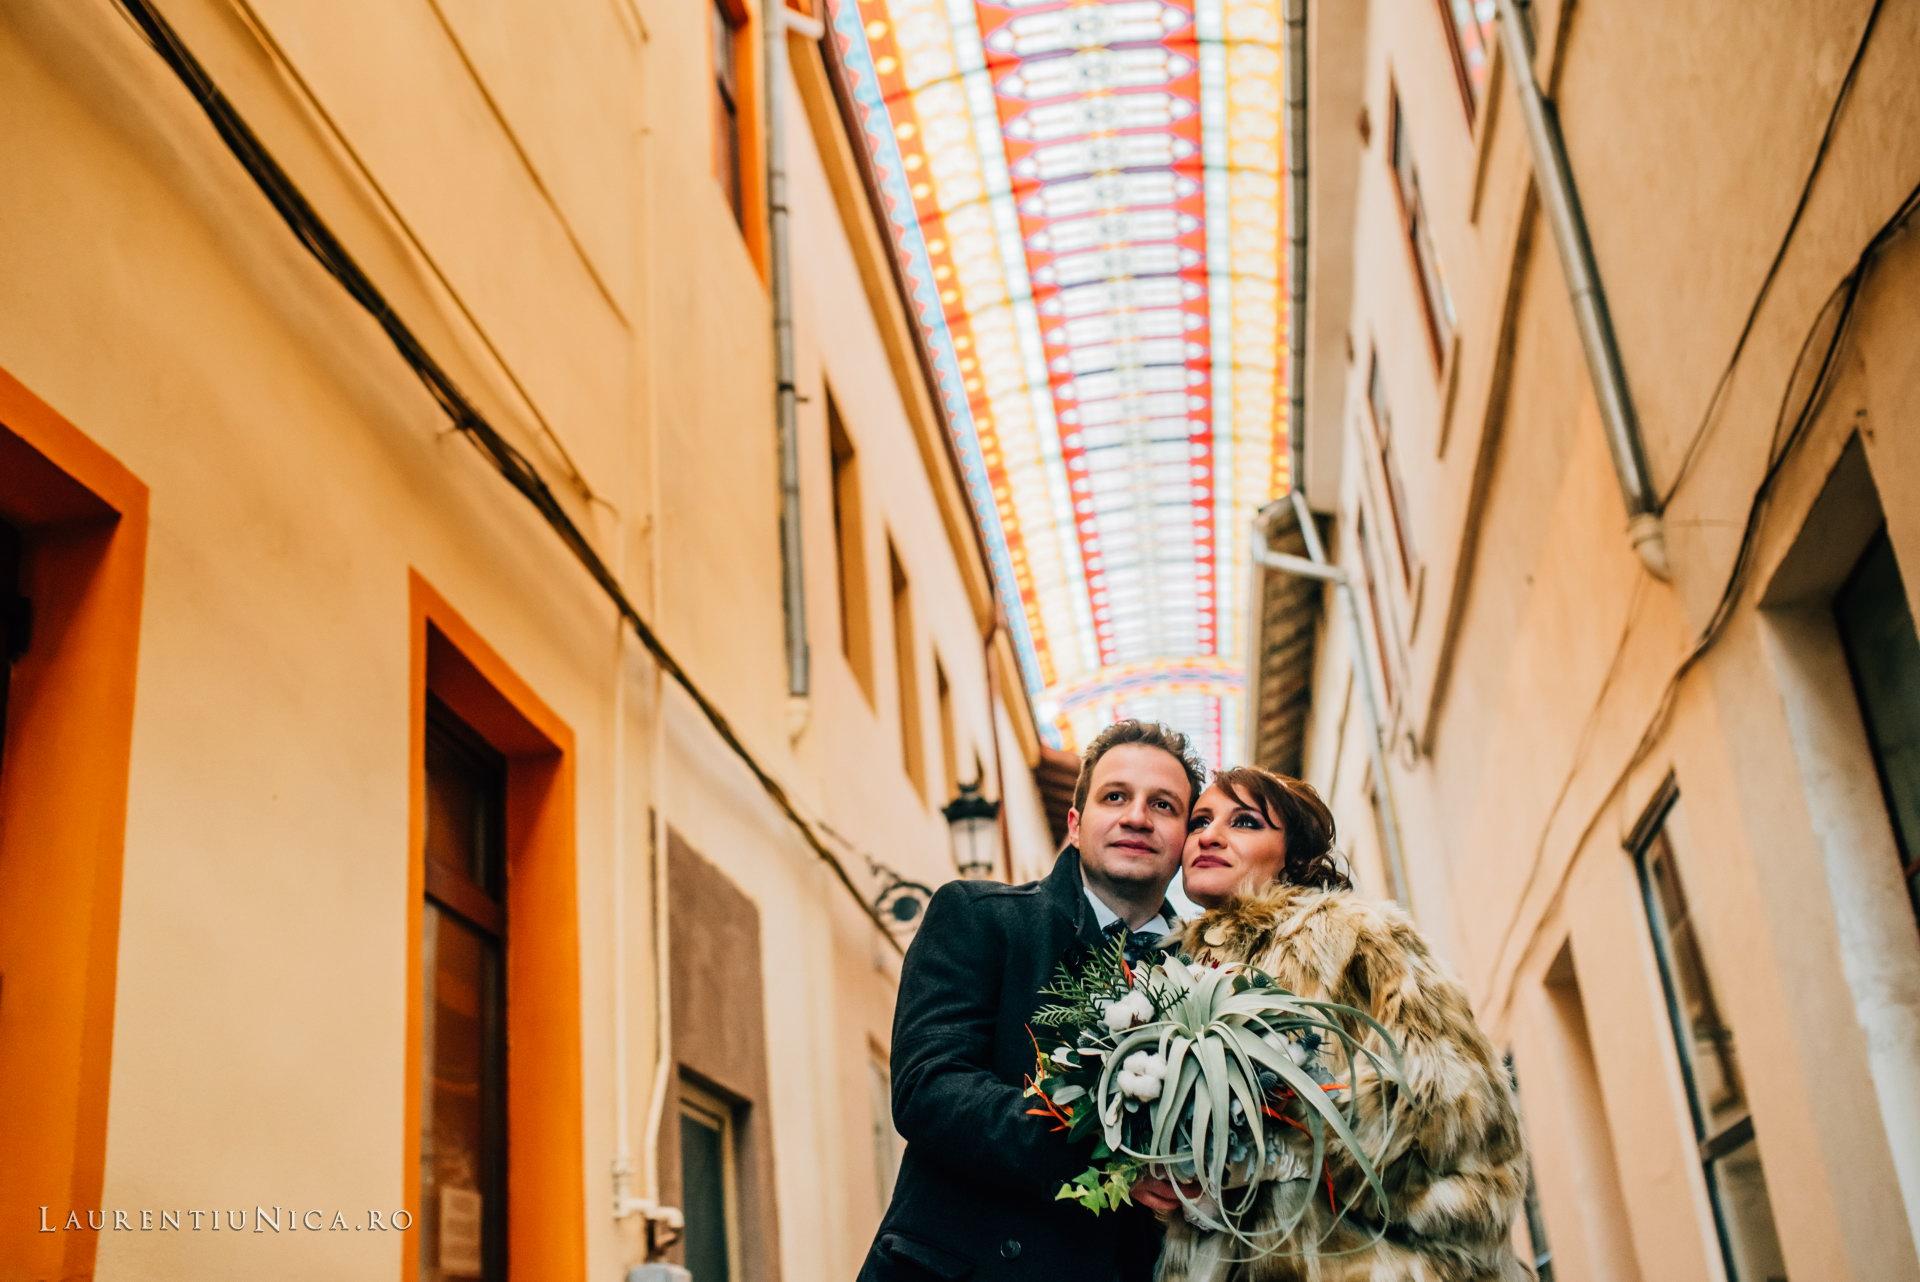 daniela si marius fotografii nunta craiova laurentiu nica38 - Daniela & Marius | Fotografii nunta